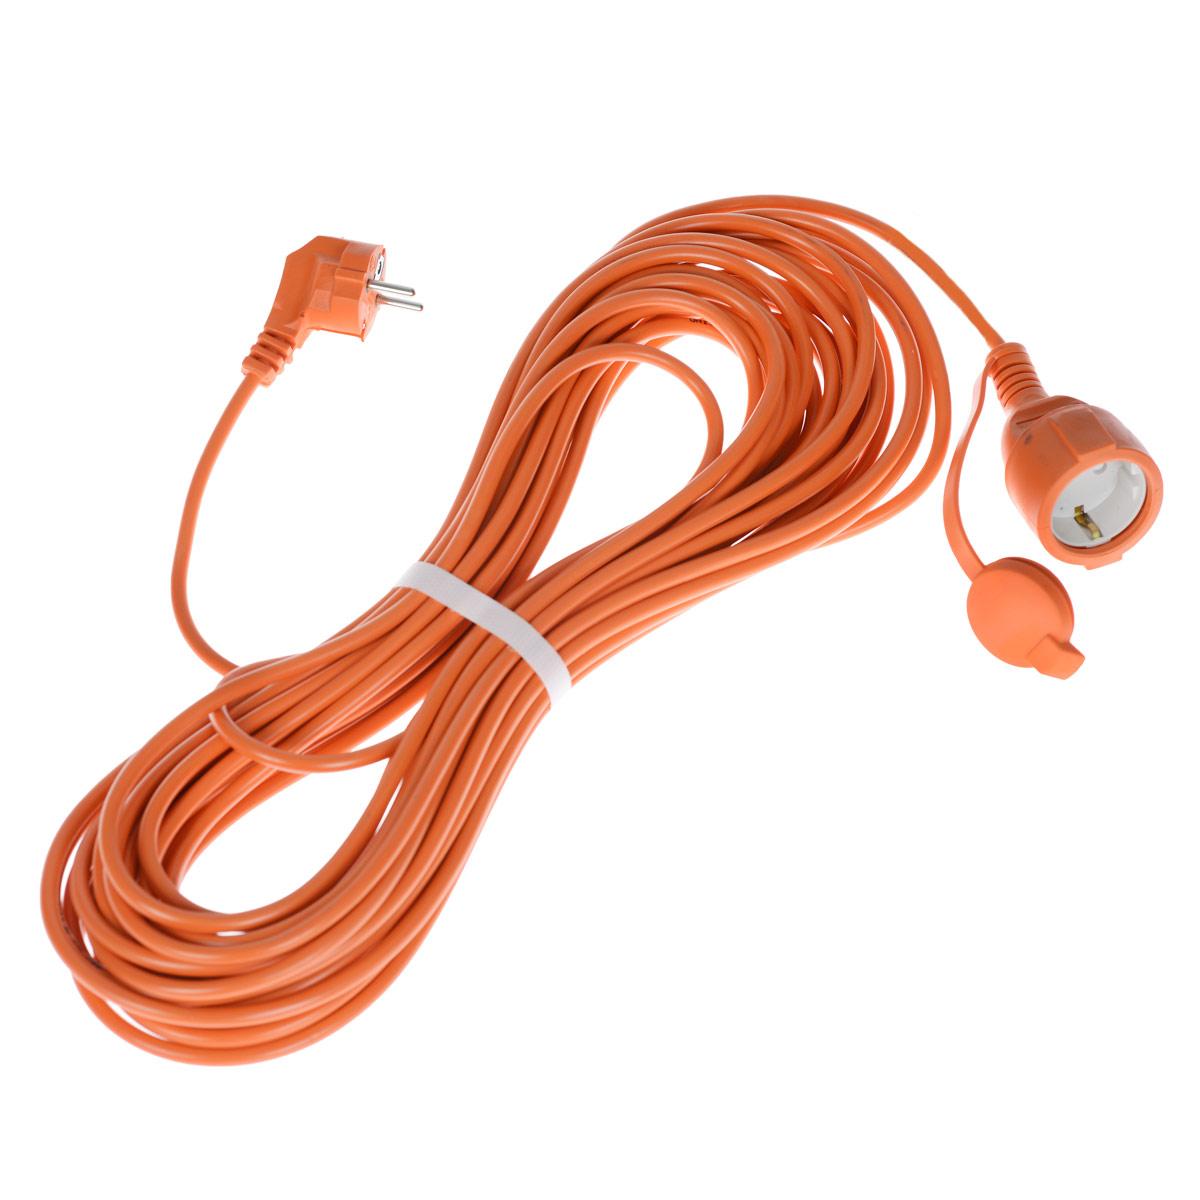 Удлинитель силовой UNIVersal, цвет: оранжевый, 20 м. 8324283242_оранжевыйСиловой удлинитель с заземлением UNIVersal рассчитан на подключение к розетке электроприборов. Незаменим при строительных и ремонтных работах, когда приборы, требующие электропитание, расположены на удаленном расстояние от розетки до 20 метров. Можно использовать как дома, так и в гараже, на приусадебных участках. Контакты вилок изготовлены из латуни и покрыты слоем никеля, что не позволяет им долгое время окисляться под воздействием внешней среды. Обеспечивается надежное электрическое соединение с контактами розеток. Слой каучука, покрывающий розетку, повышает прочность изделия и защищает ее от разрушения при ударах о твердые предметы, а его диэлектрические свойства повышают безопасность работы.